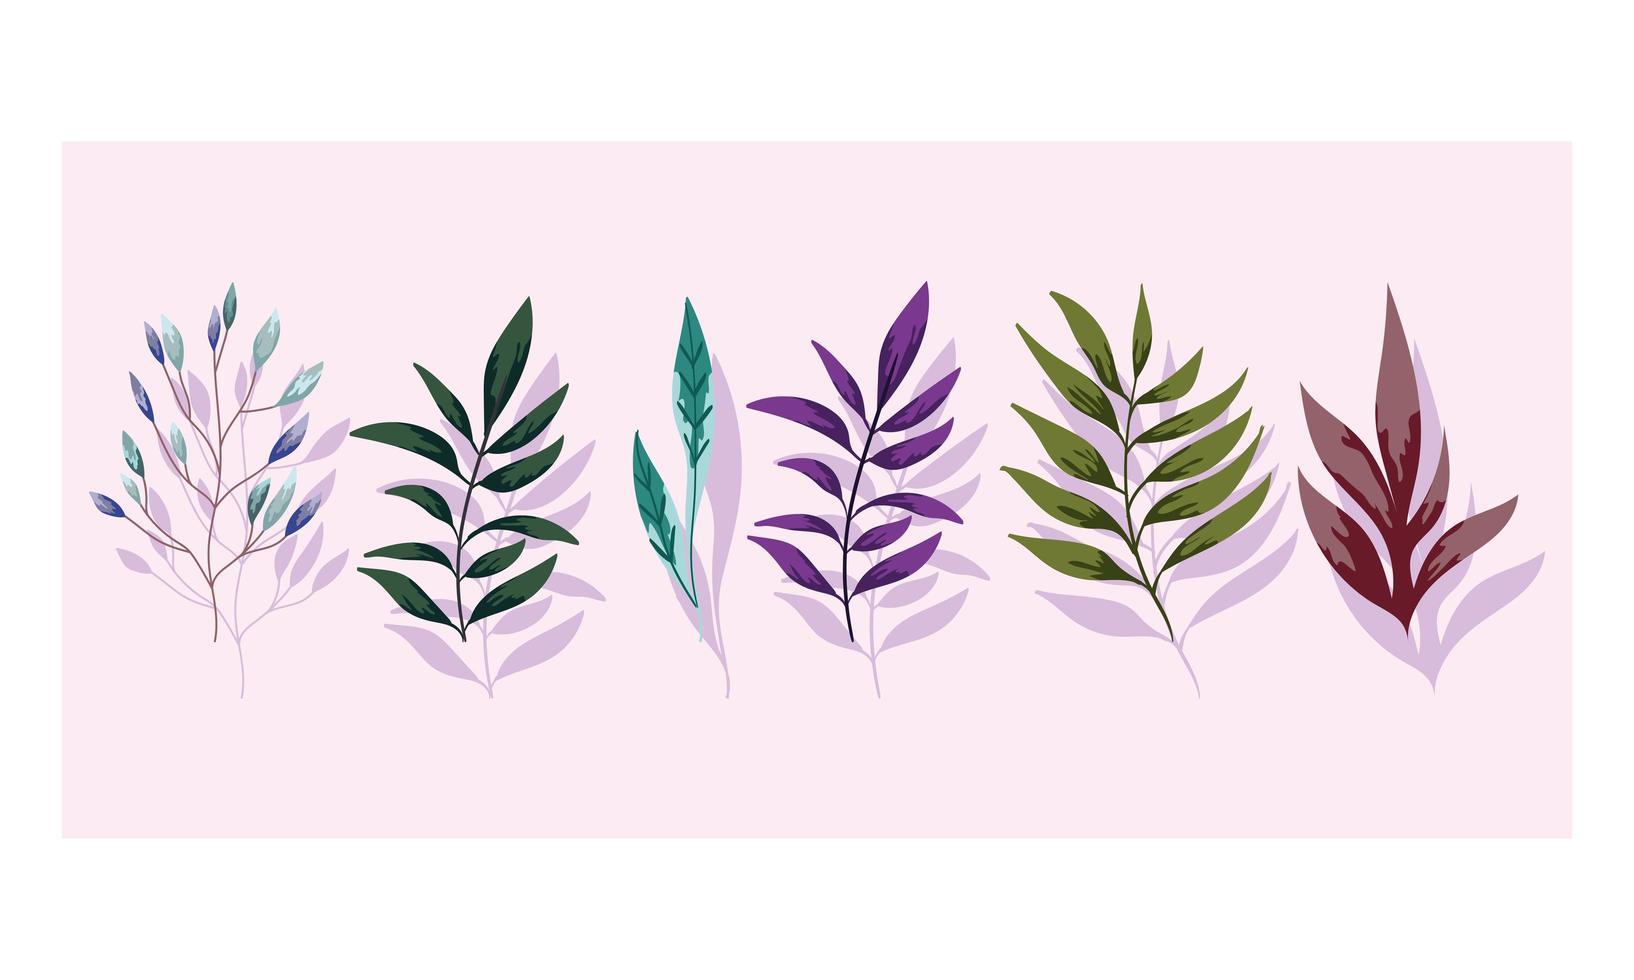 Zweige Laub. Flora Grün Natur Design vektor